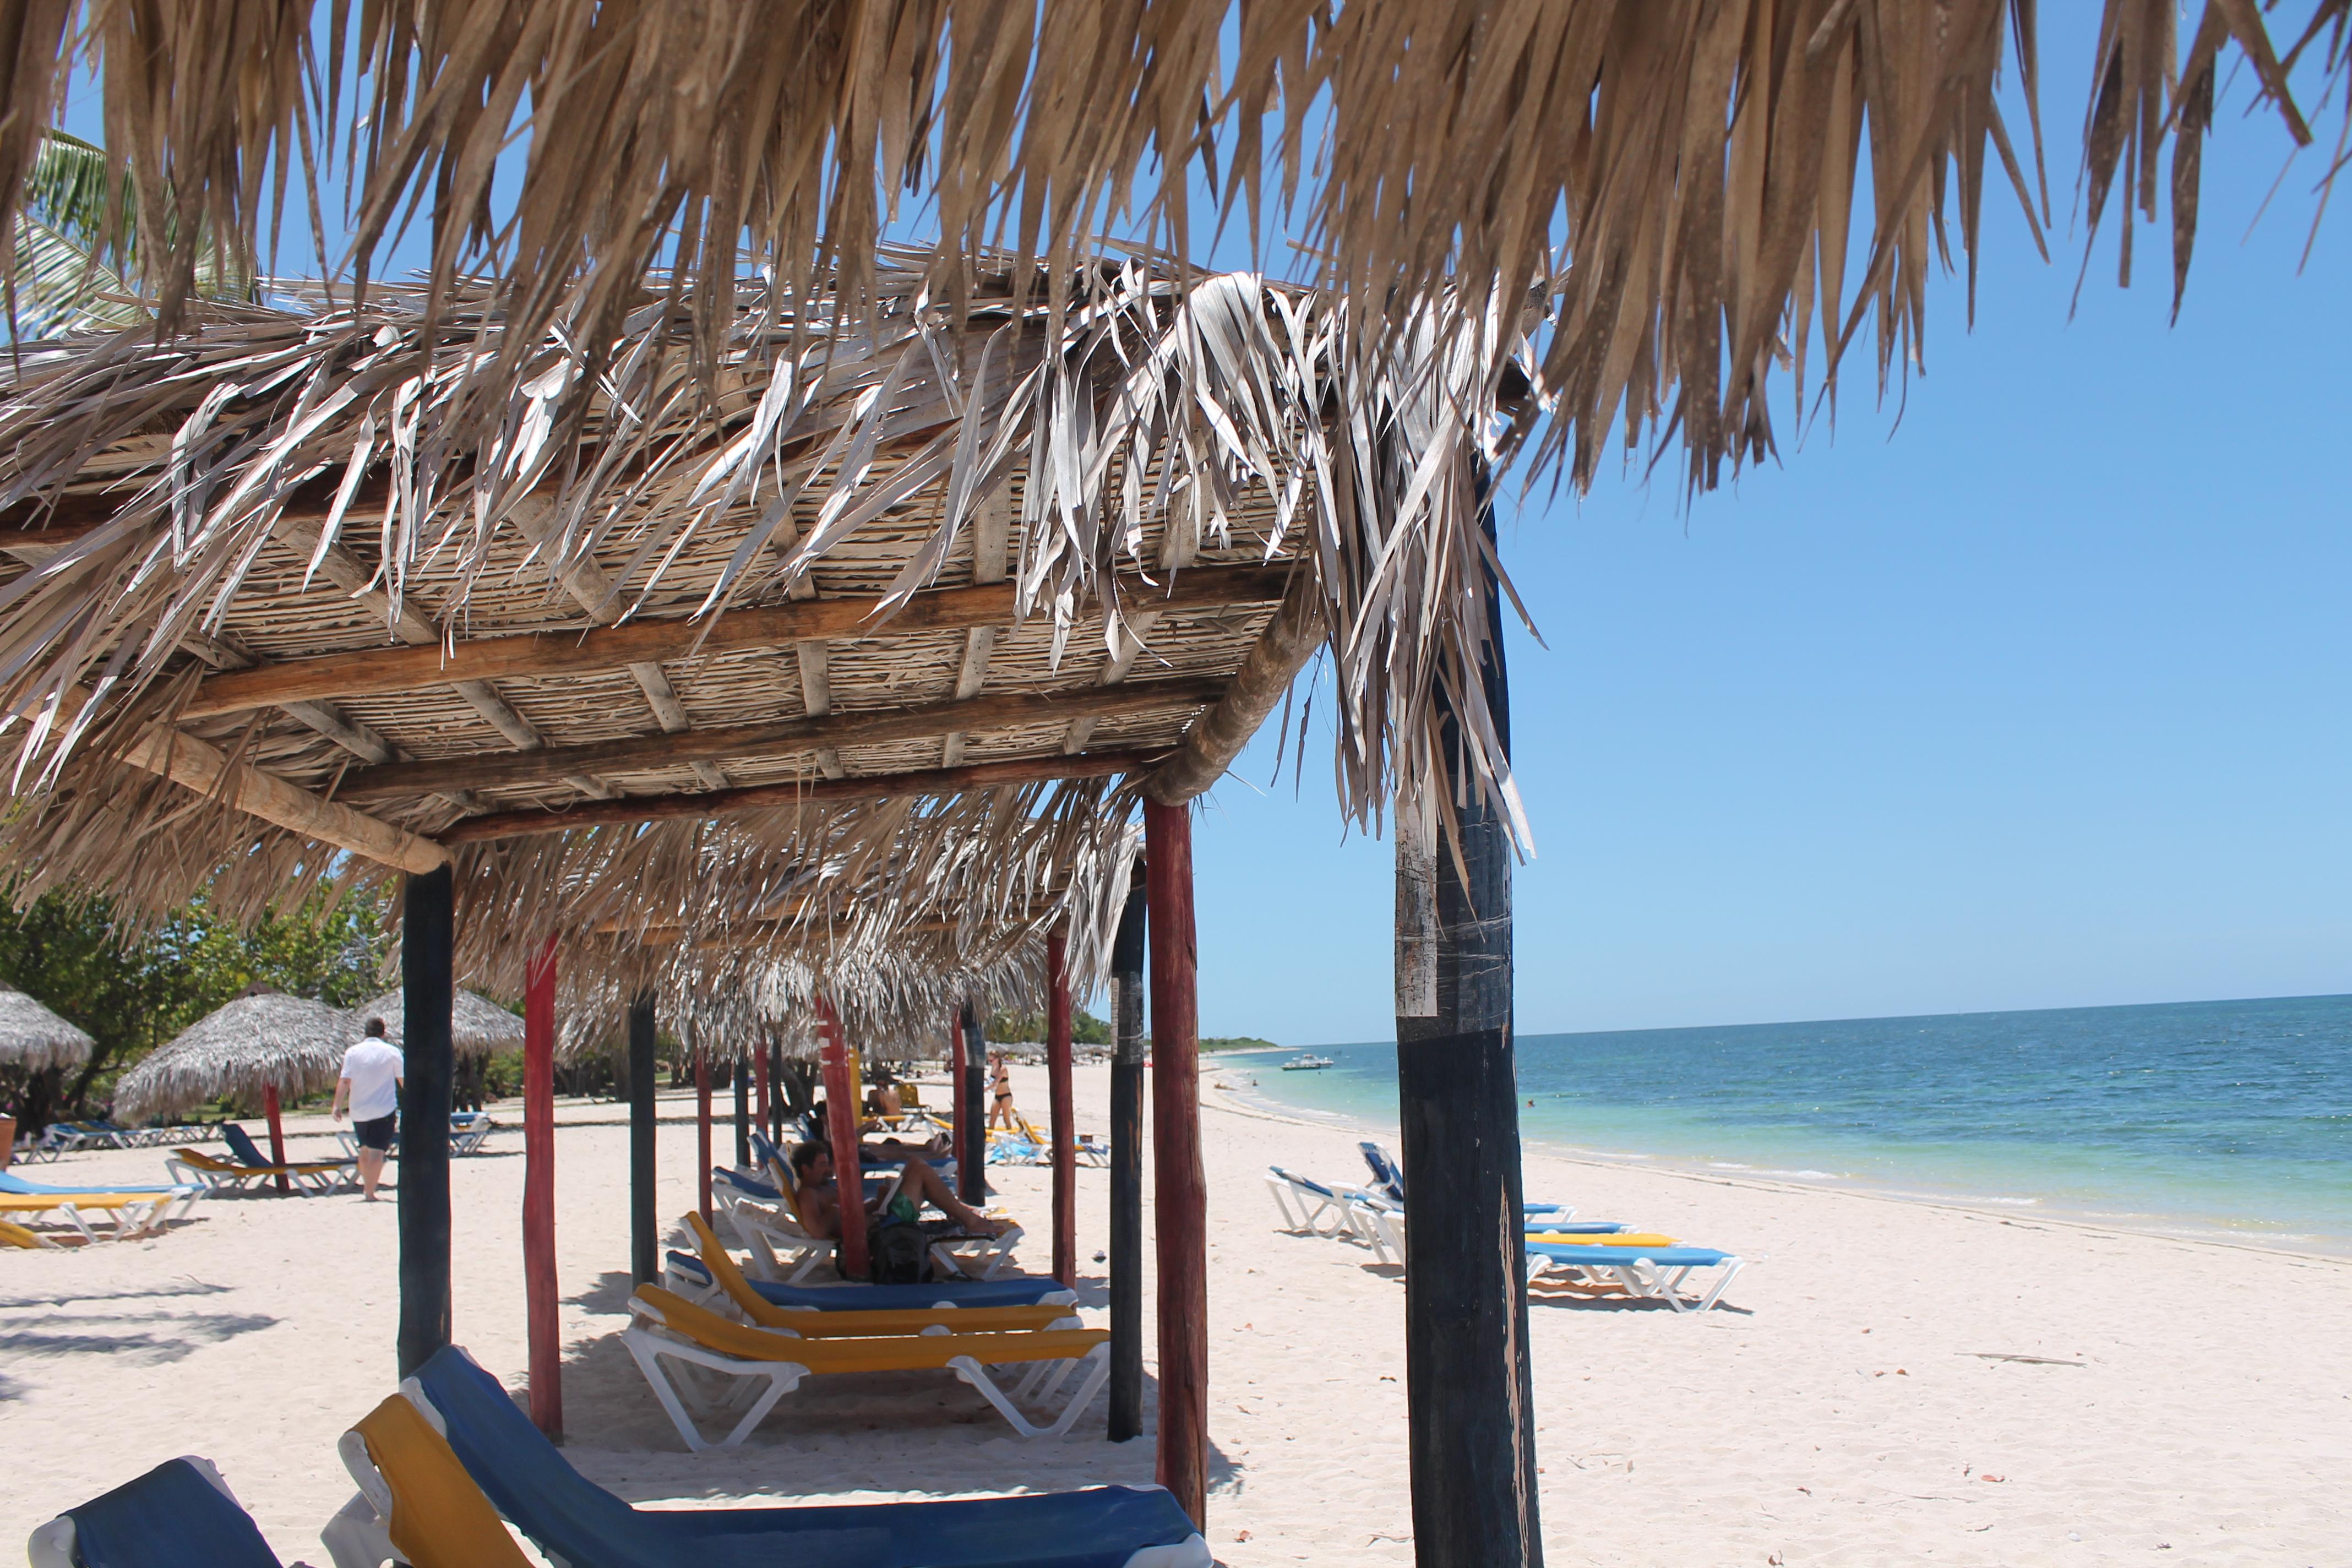 Una settimana a Cuba Playa Ancon ph. @poshbackpackers